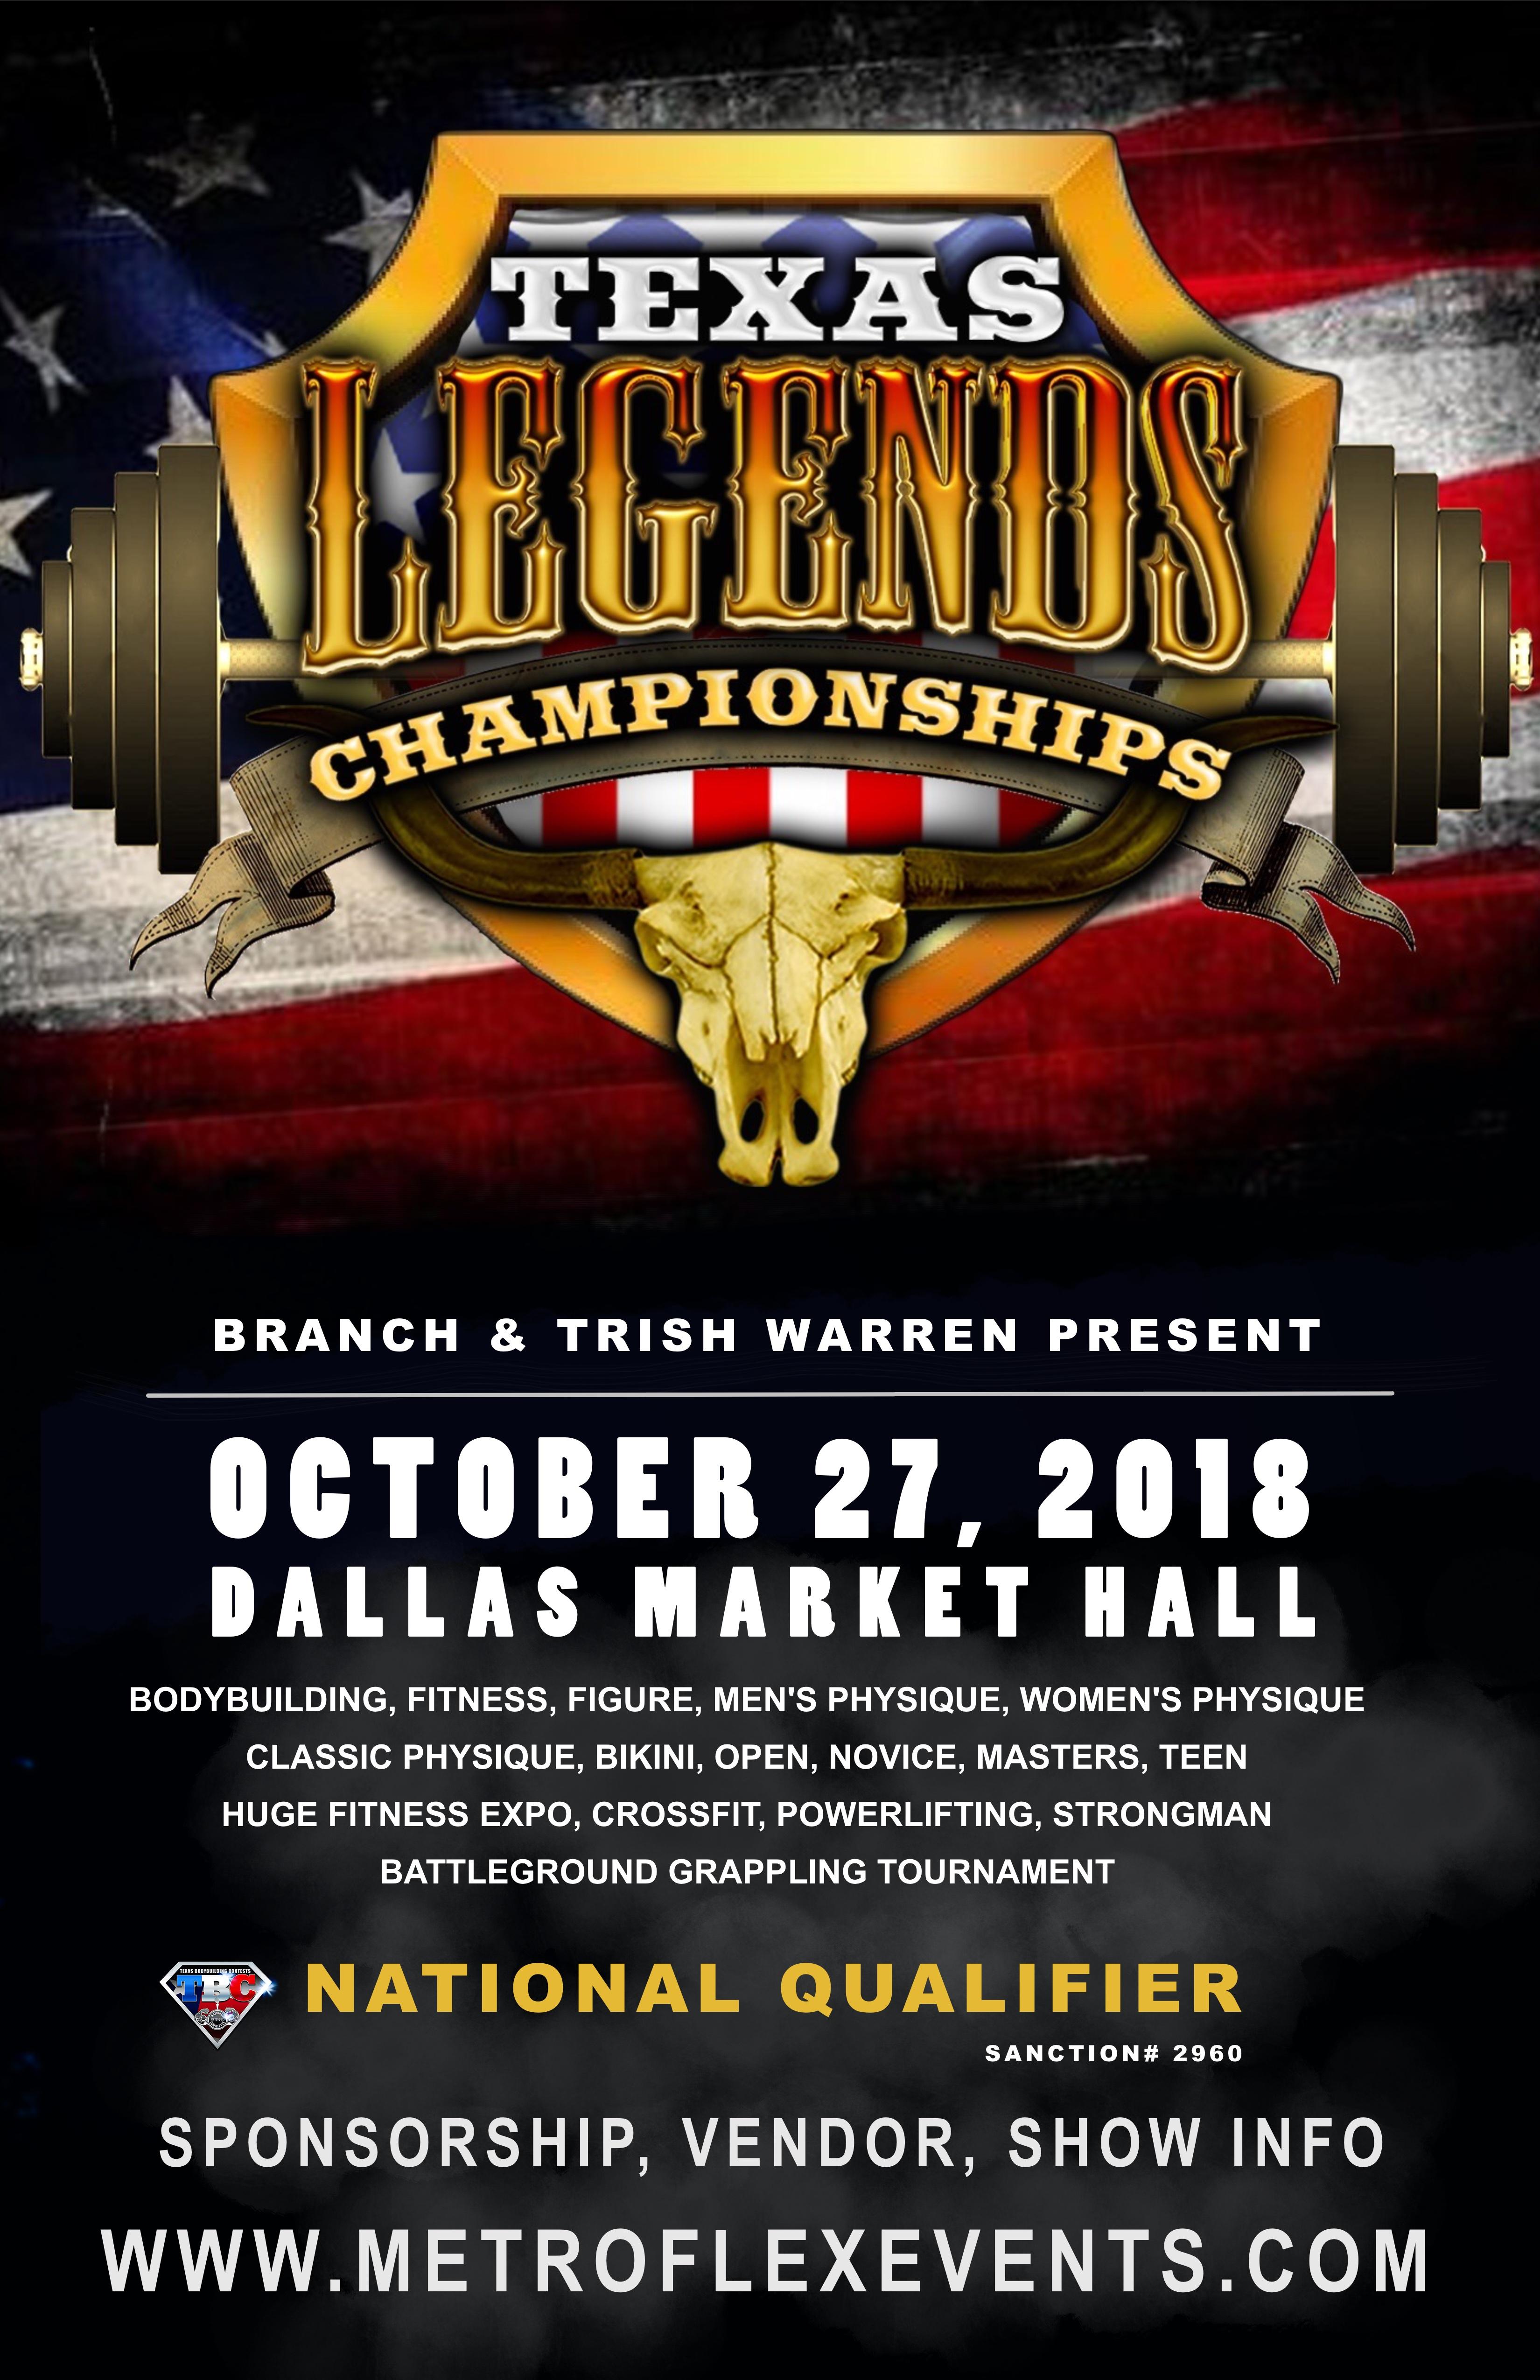 NPC Texas Legends Championships